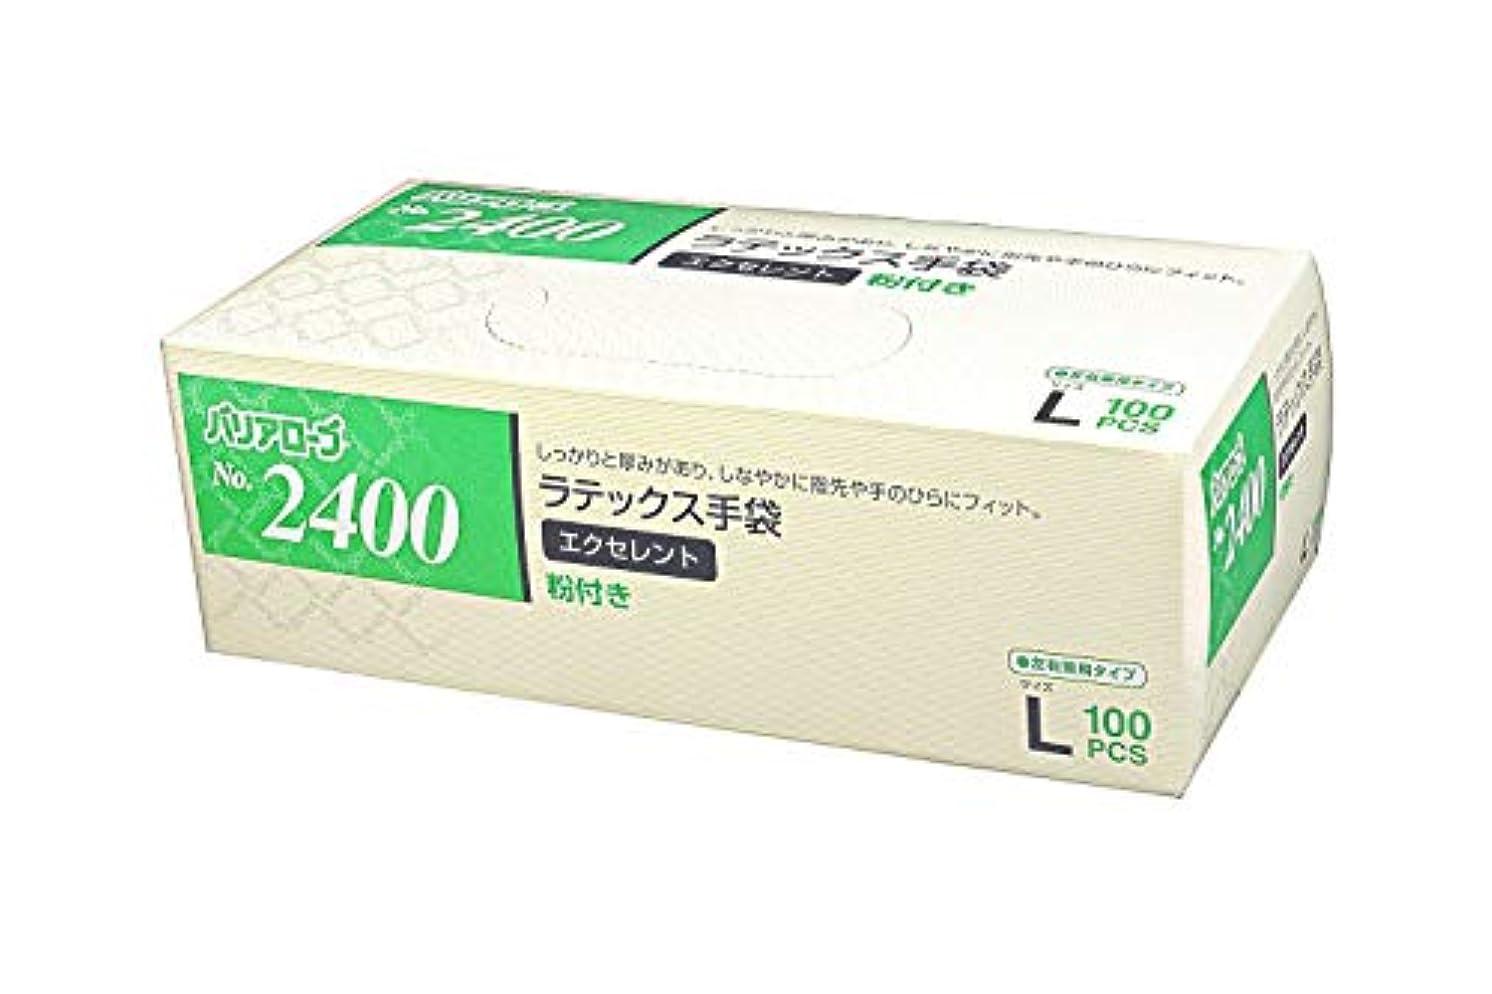 虚弱無人エロチック【ケース販売】 バリアローブ №2400 ラテックス手袋 エクセレント (粉付き) L 2000枚(100枚×20箱)